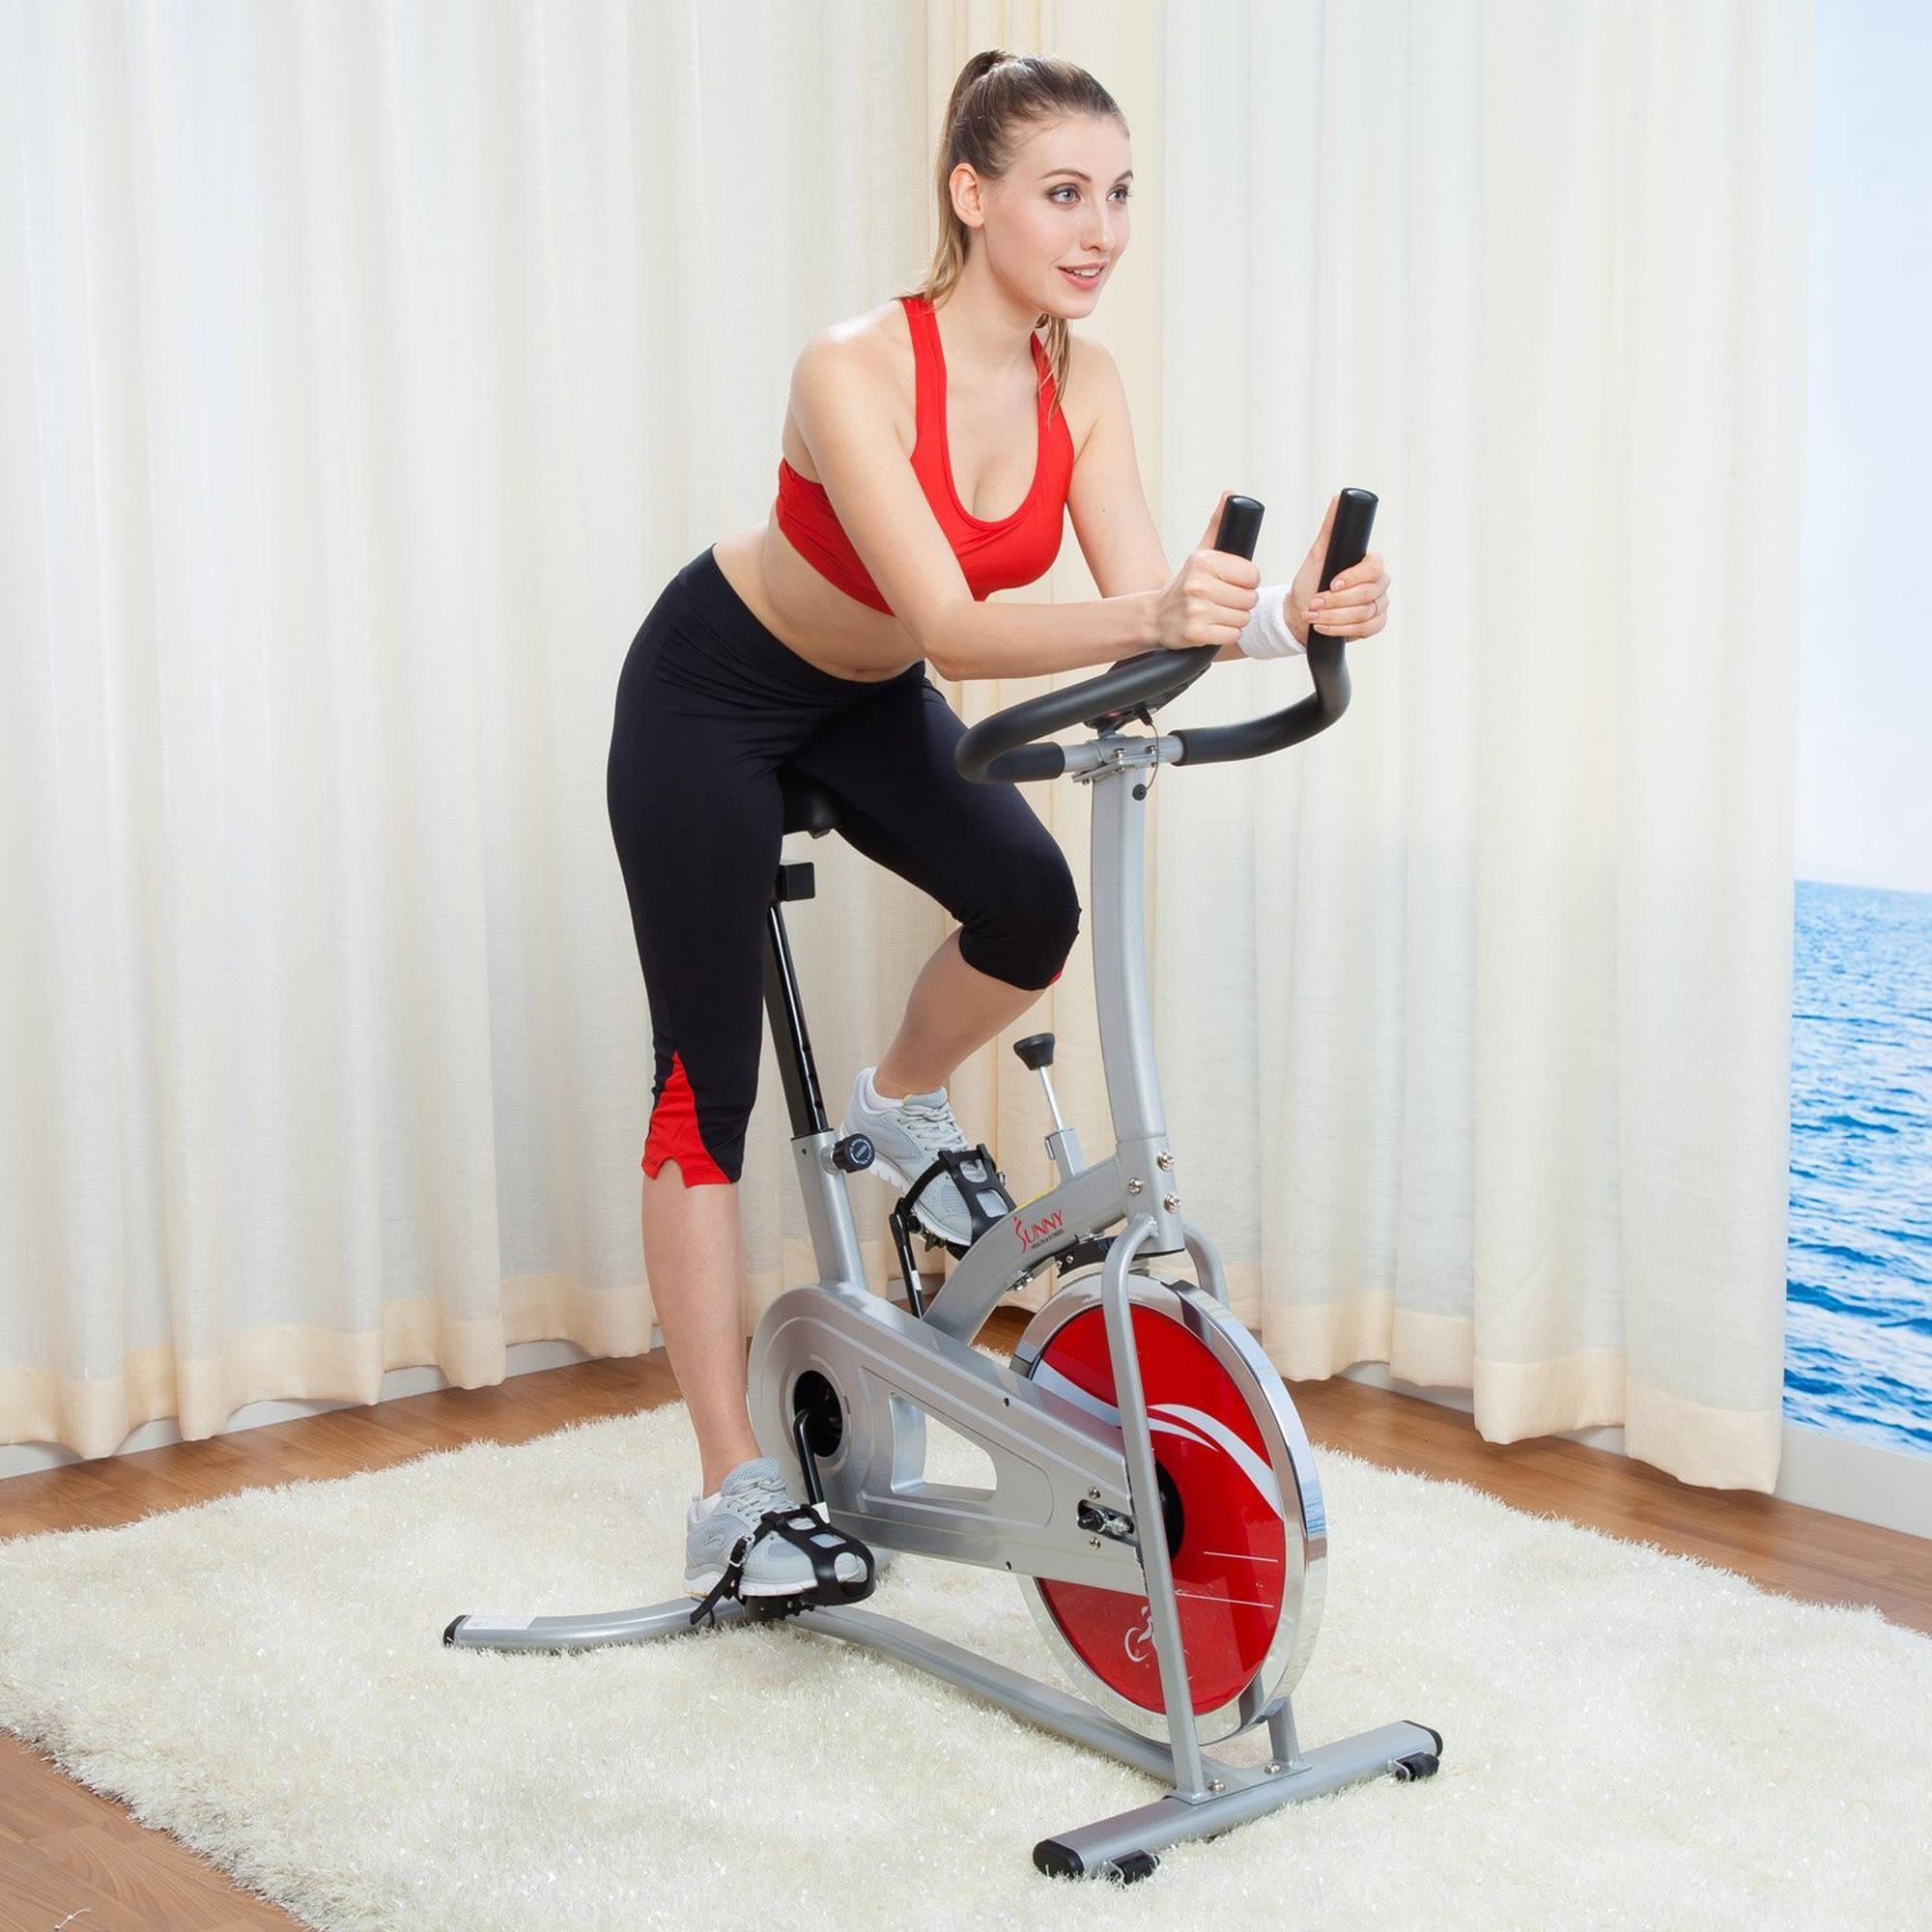 mua may tap xe dap tai nha dam bao 3 - Mua máy tập xe đạp trong nhà ở đâu đảm bảo?